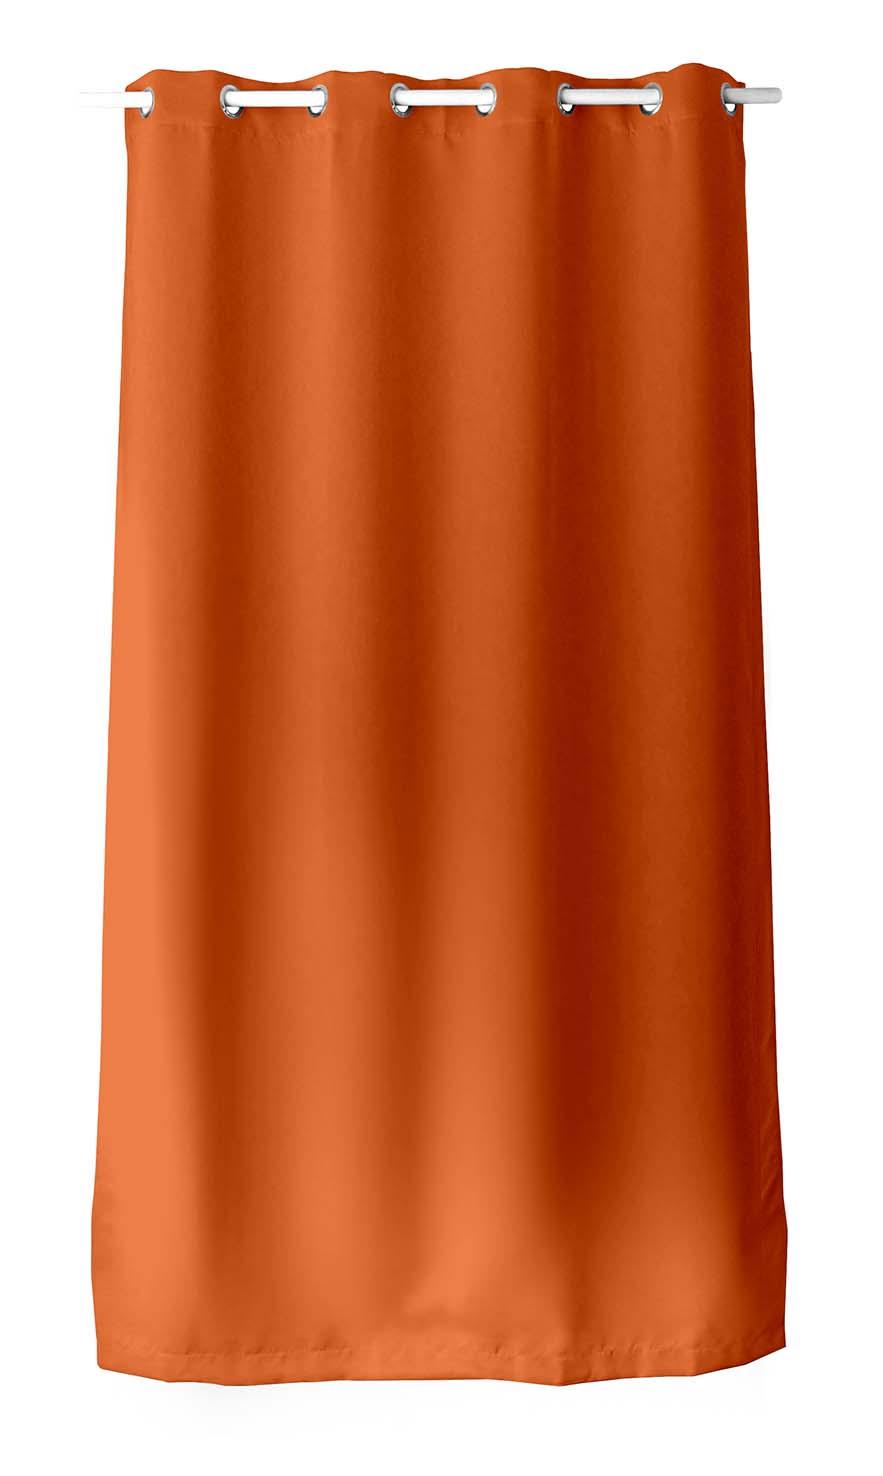 rideau occultant uni avec 8 illets orange vieux rose vison bleu marine gris fonc. Black Bedroom Furniture Sets. Home Design Ideas